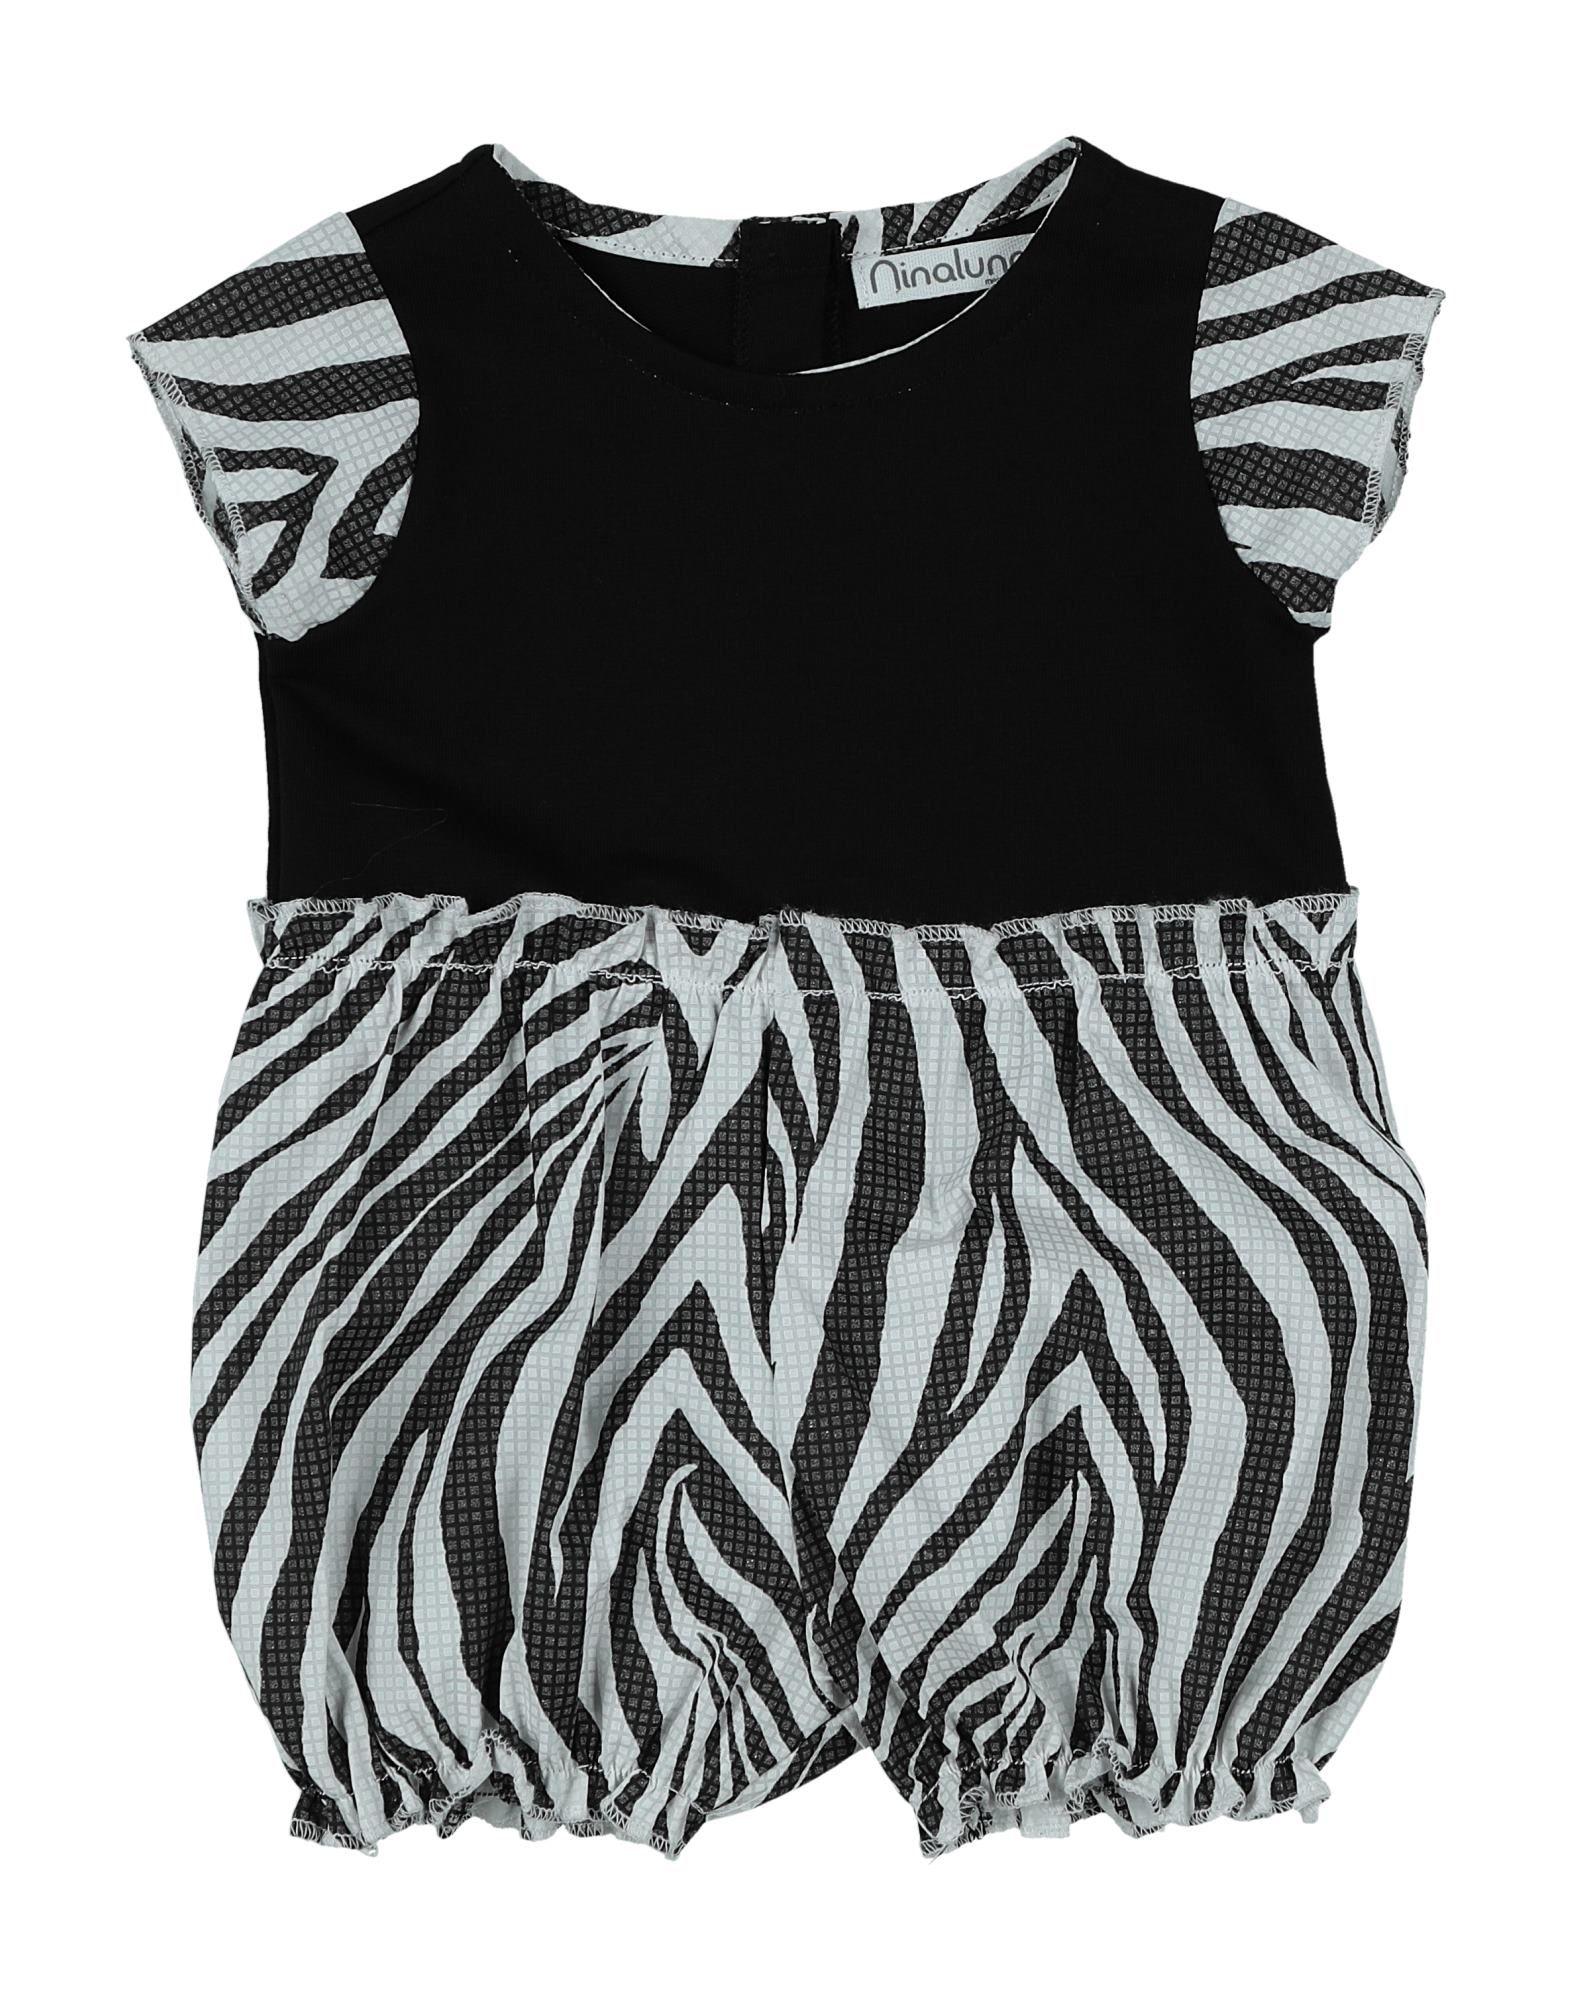 《セール開催中》NINALUNA ガールズ 0-24 ヶ月 乳幼児用ロンパース ブラック 3 コットン 95% / ポリウレタン 5%